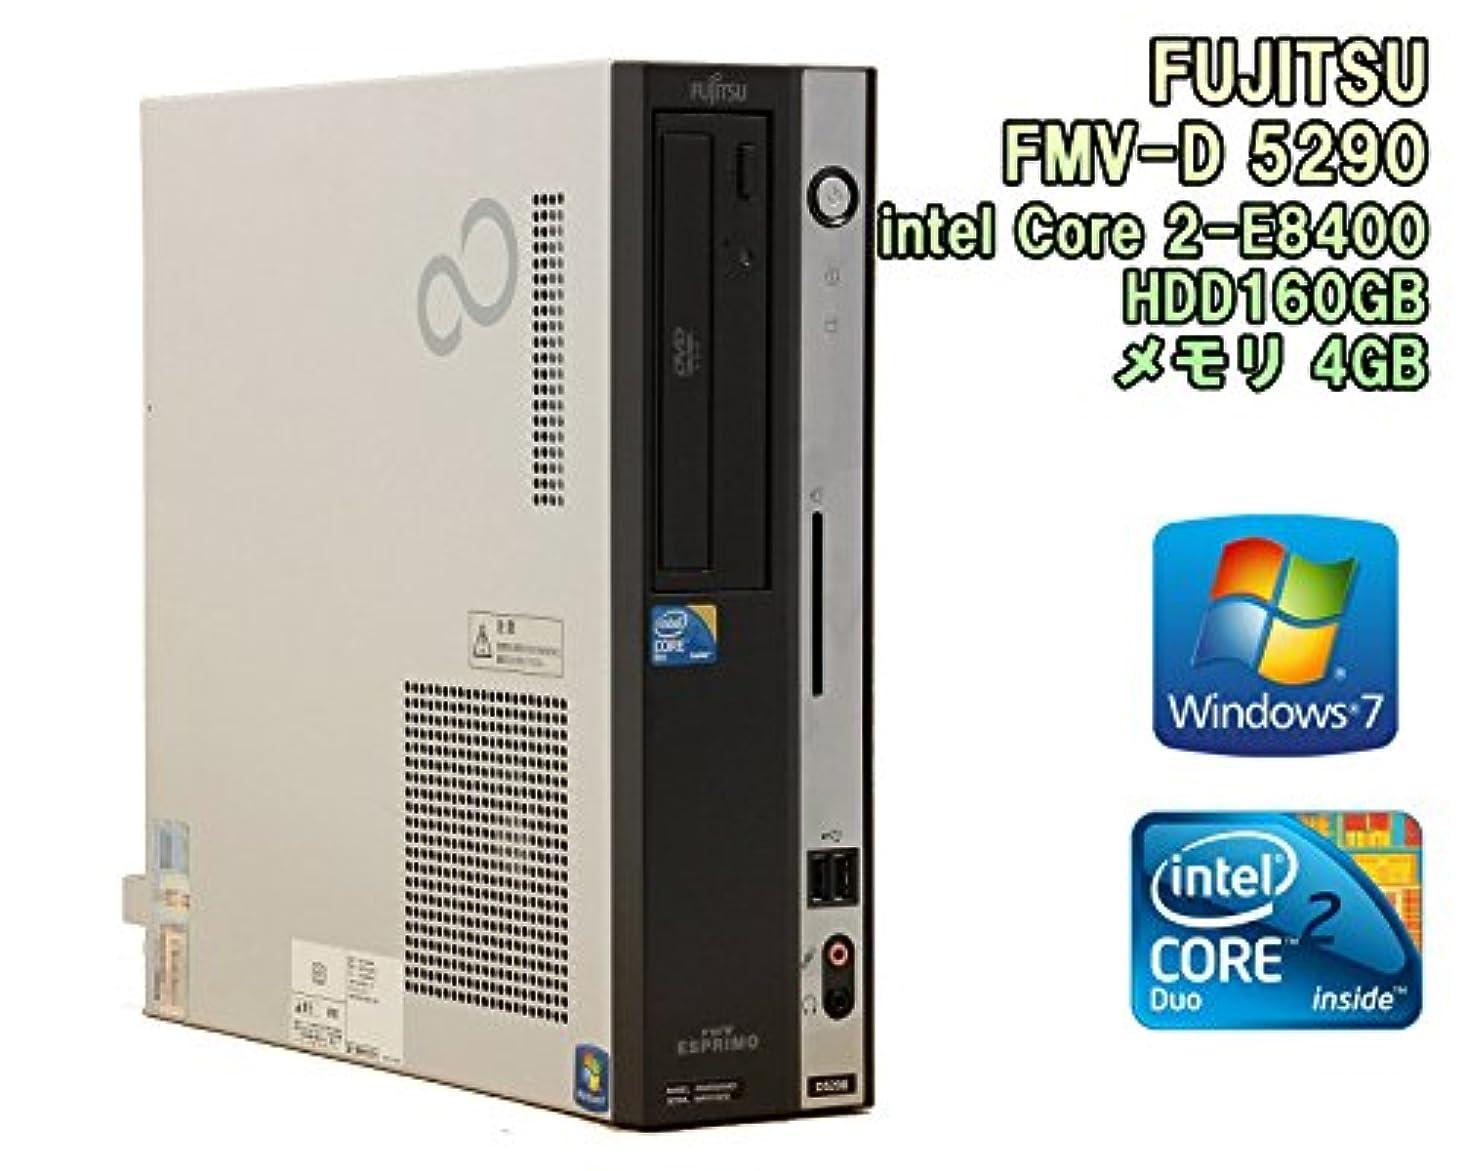 クスコ戸棚エントリ【初期設定済!★中古デスクトップパソコン※FD無しVer】富士通 ESPRIMO D5290 Windows7 Core 2 Duo E8400 3GHz メモリ4GB HDD160GB